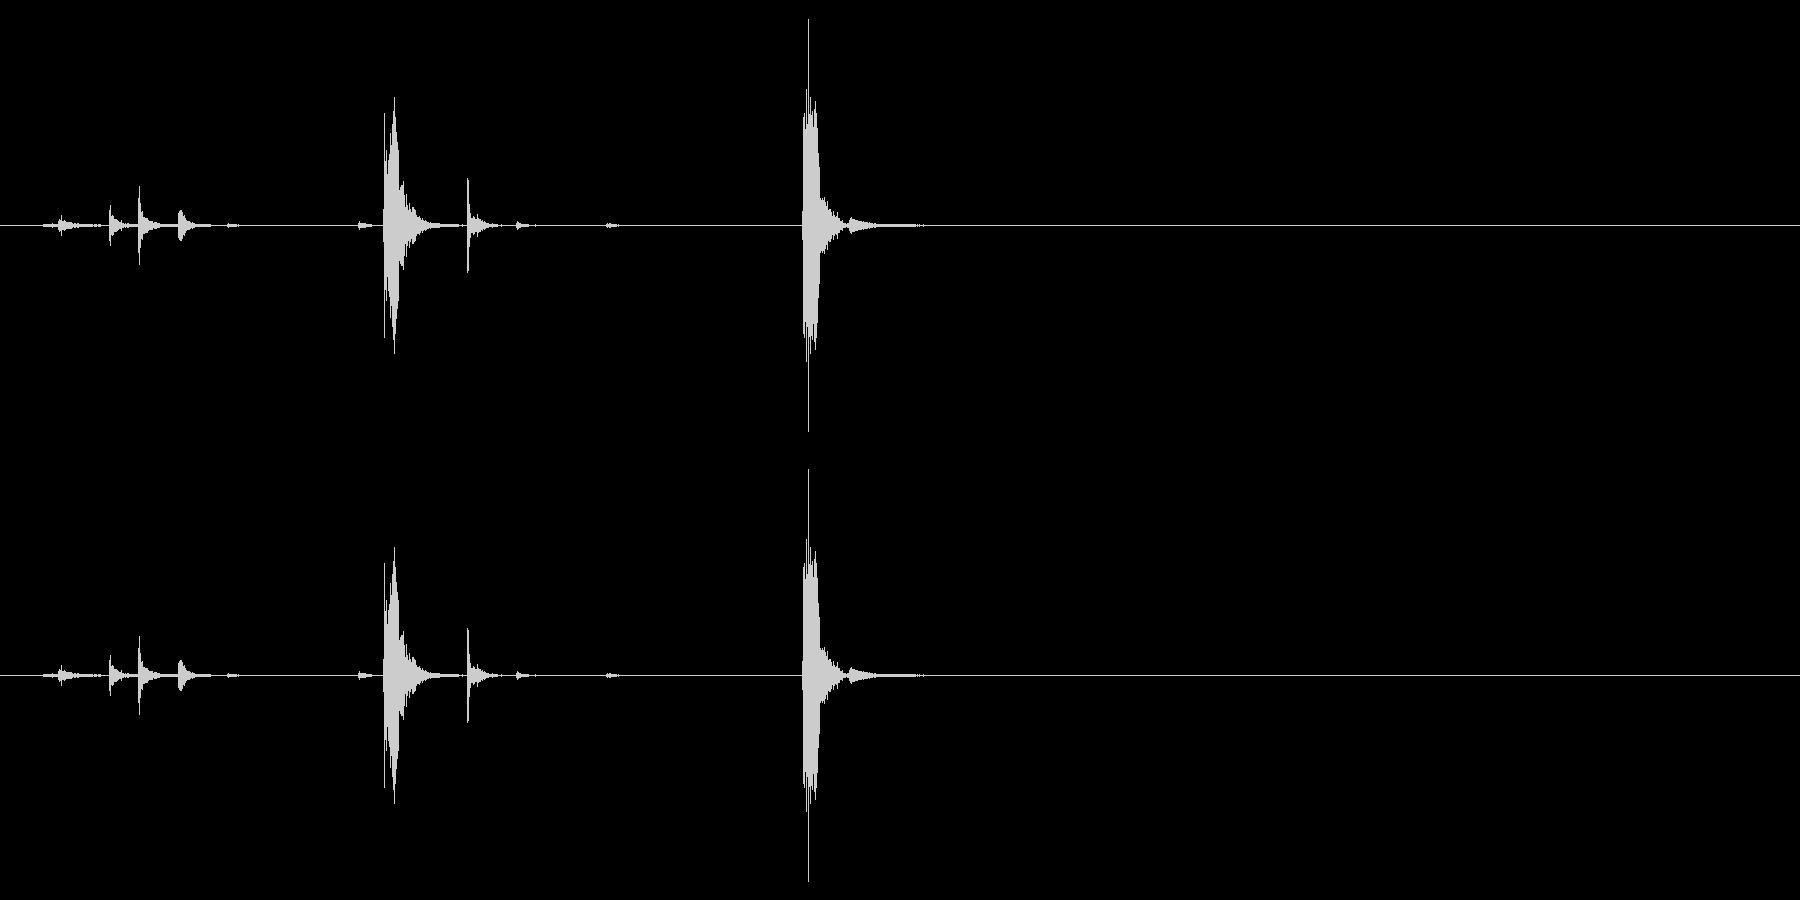 電灯・街灯・蛍光灯・チカチカ点滅光る音2の未再生の波形